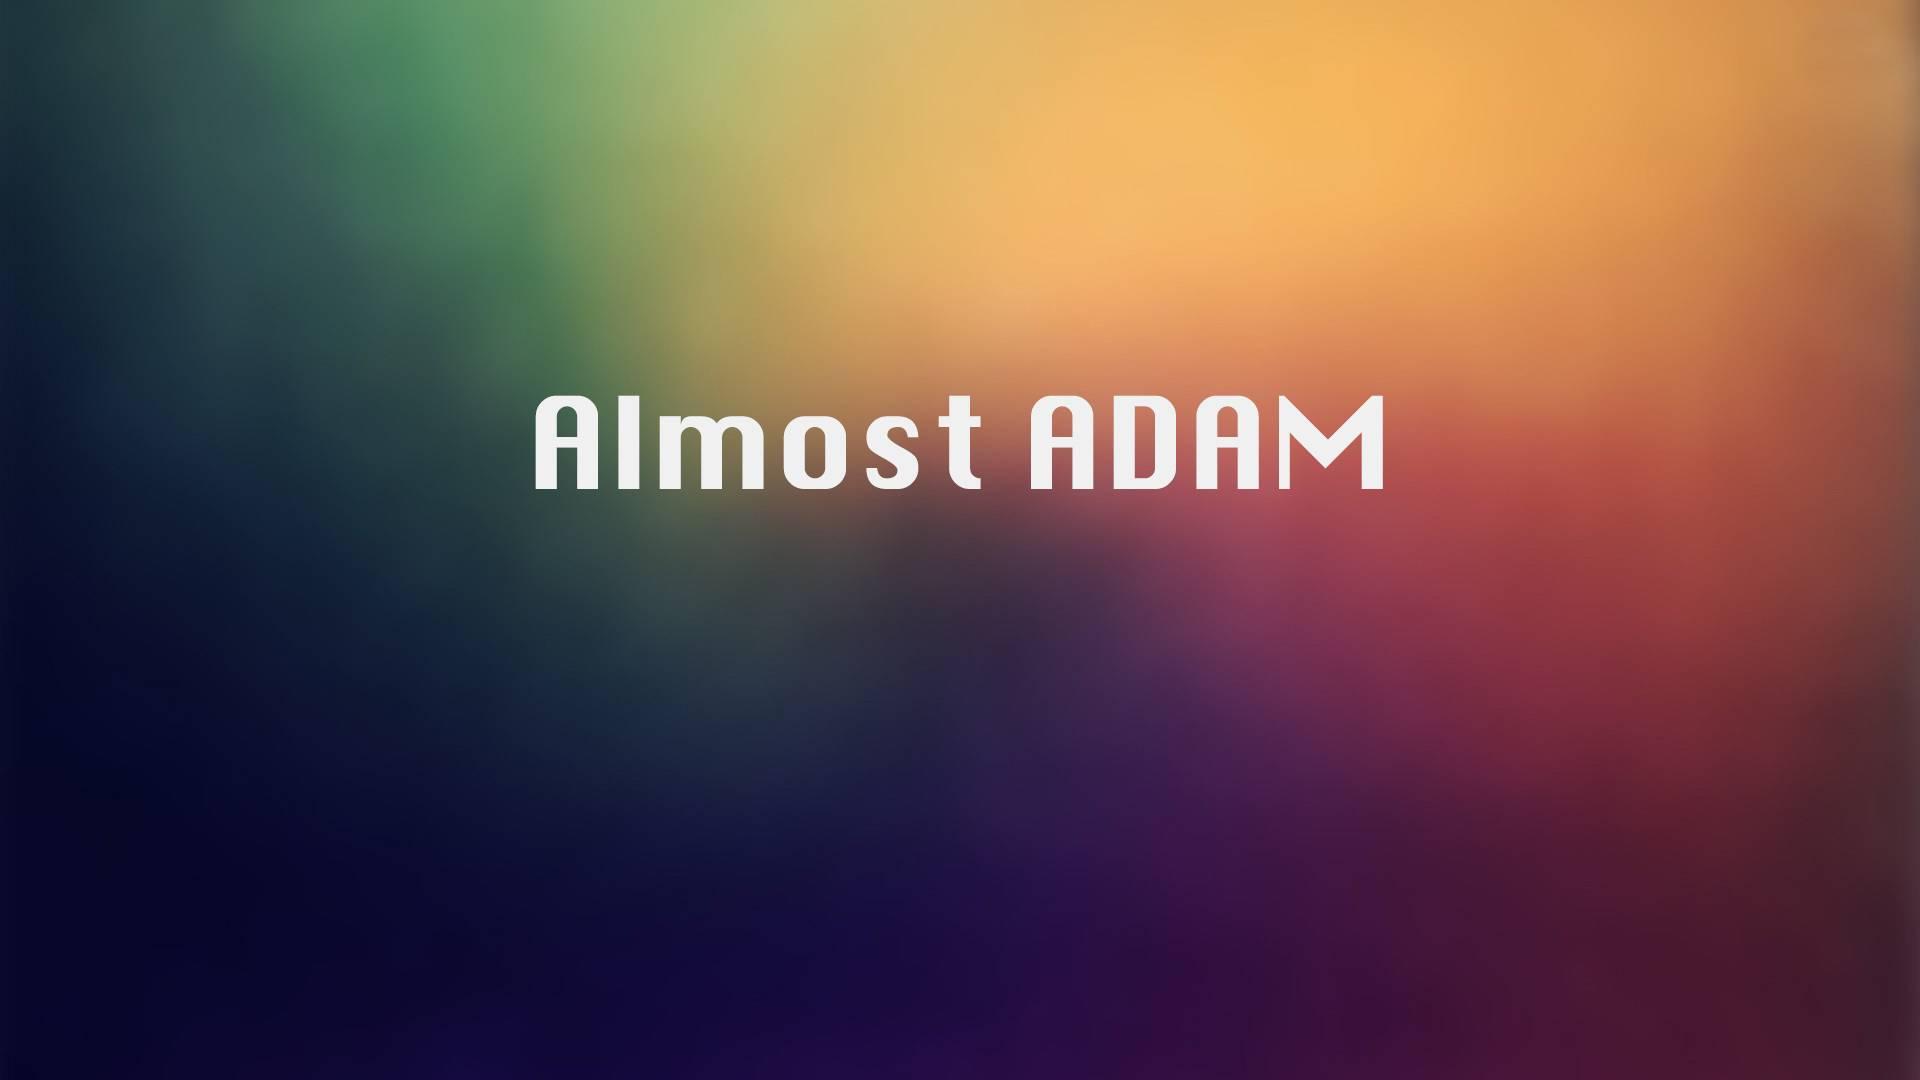 当前训练神经网络最快的方式:AdamW优化算法+超级收敛